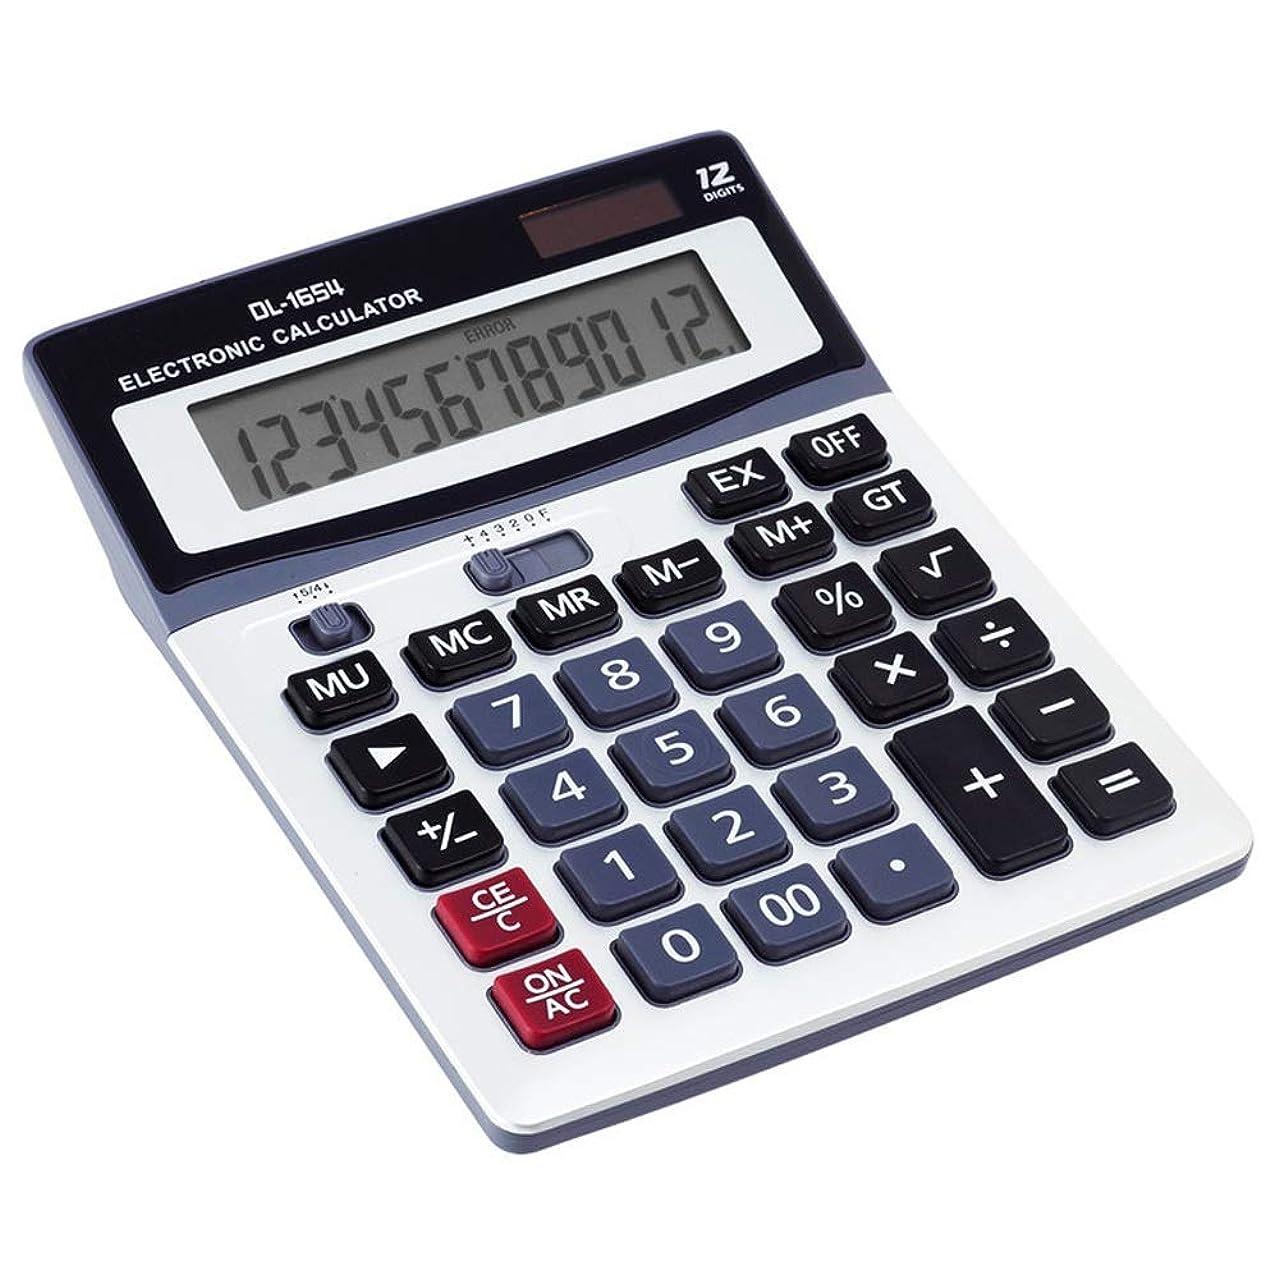 アーチ我慢するグラフビジネス電卓 電卓大画面ビッグボタンソーラー電卓財務オフィス12ビット電卓 ミニジャストタイプ電卓